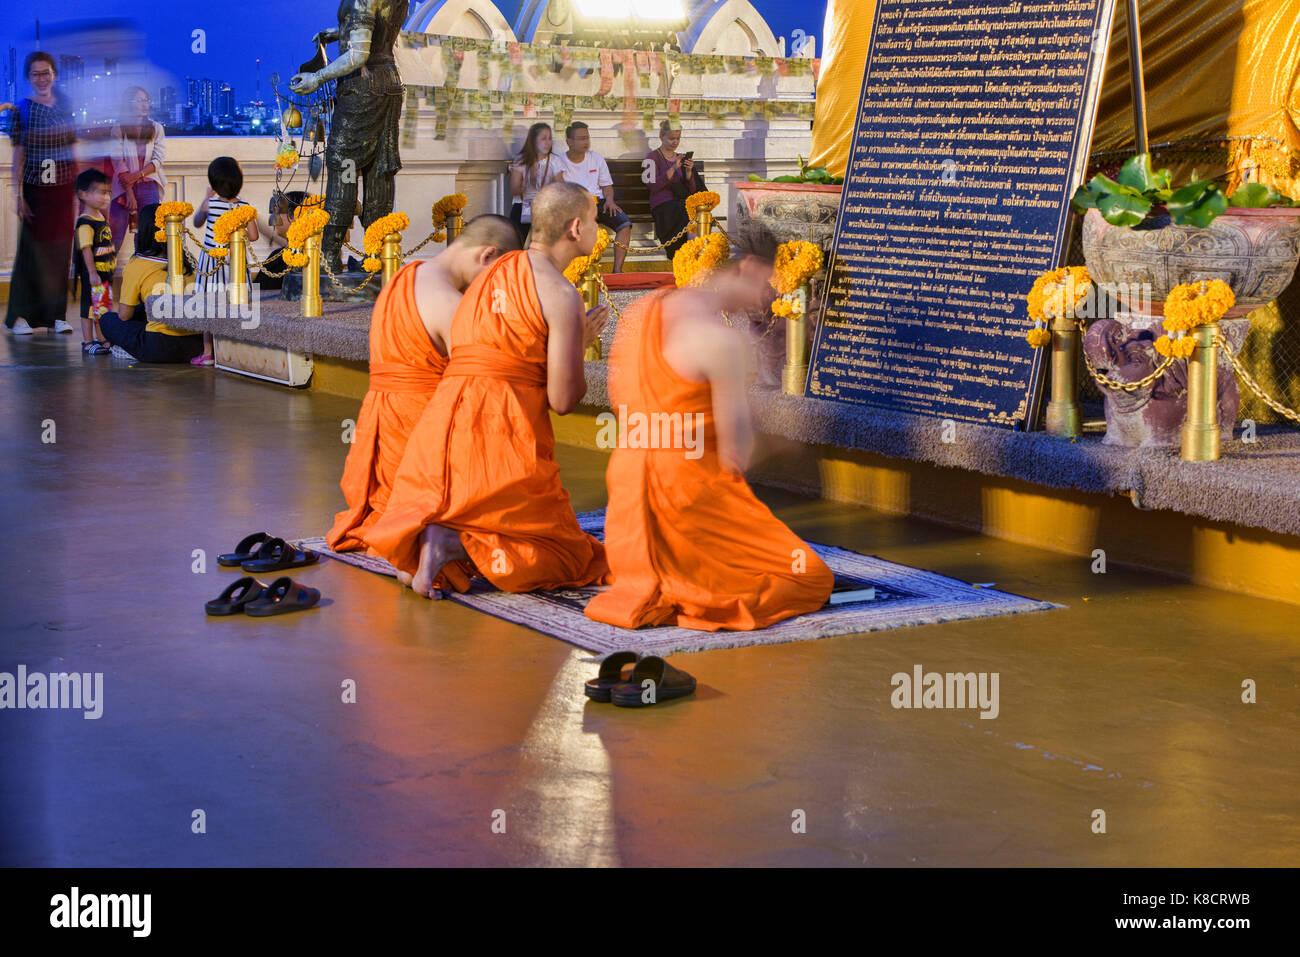 Les moines priaient à Wat Saket (le mont d'or) à Bangkok, Thaïlande Banque D'Images